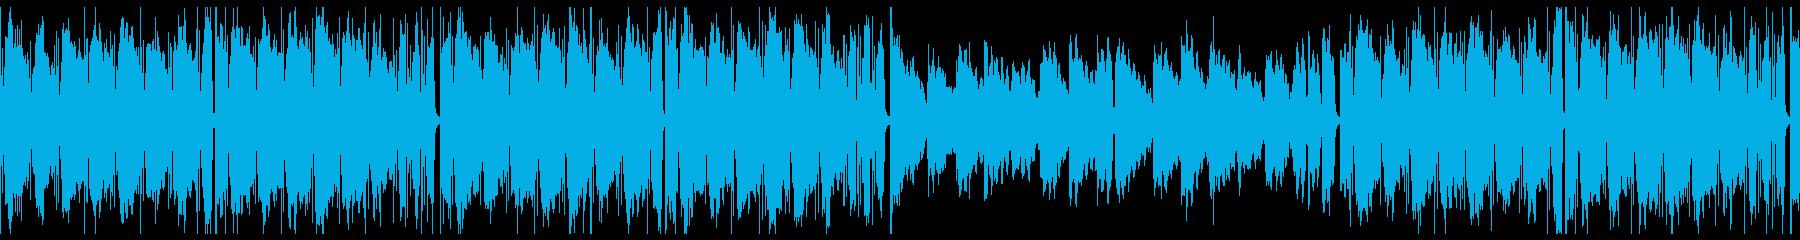 ループ/夜更かしlo-fi曲002の再生済みの波形